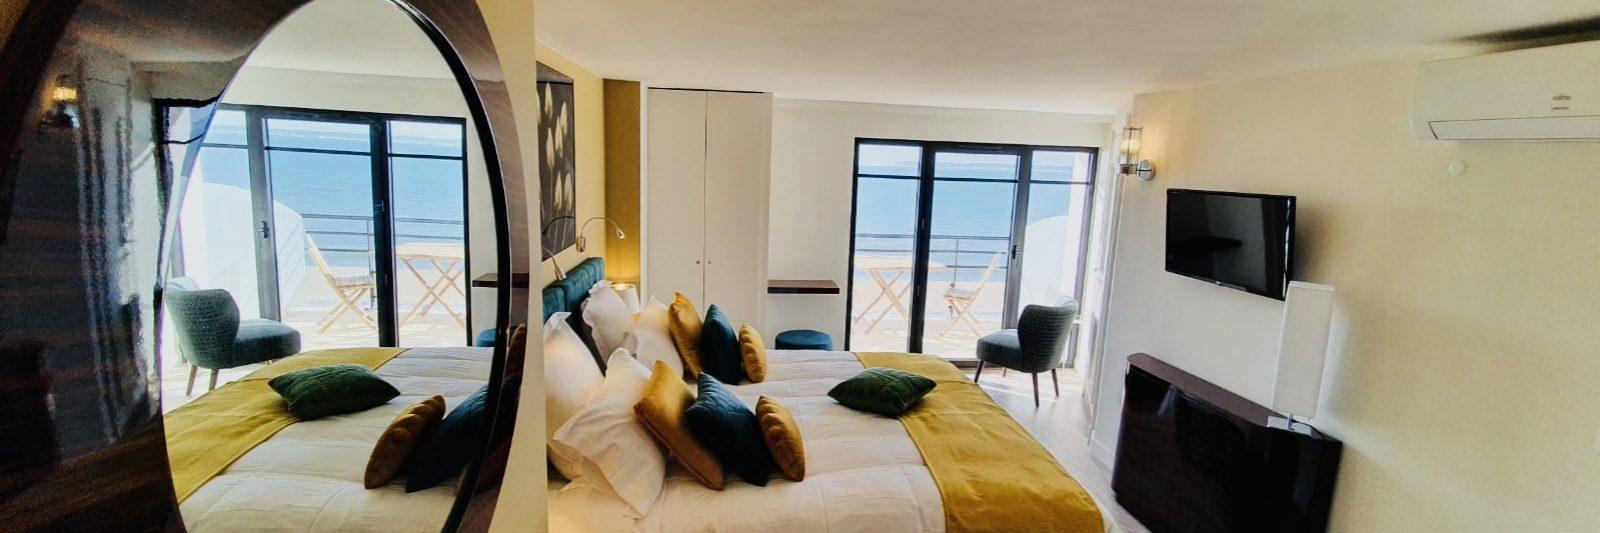 Seaside resort-Le Paquebot-Cabins 107-207-Villerville-Normandy